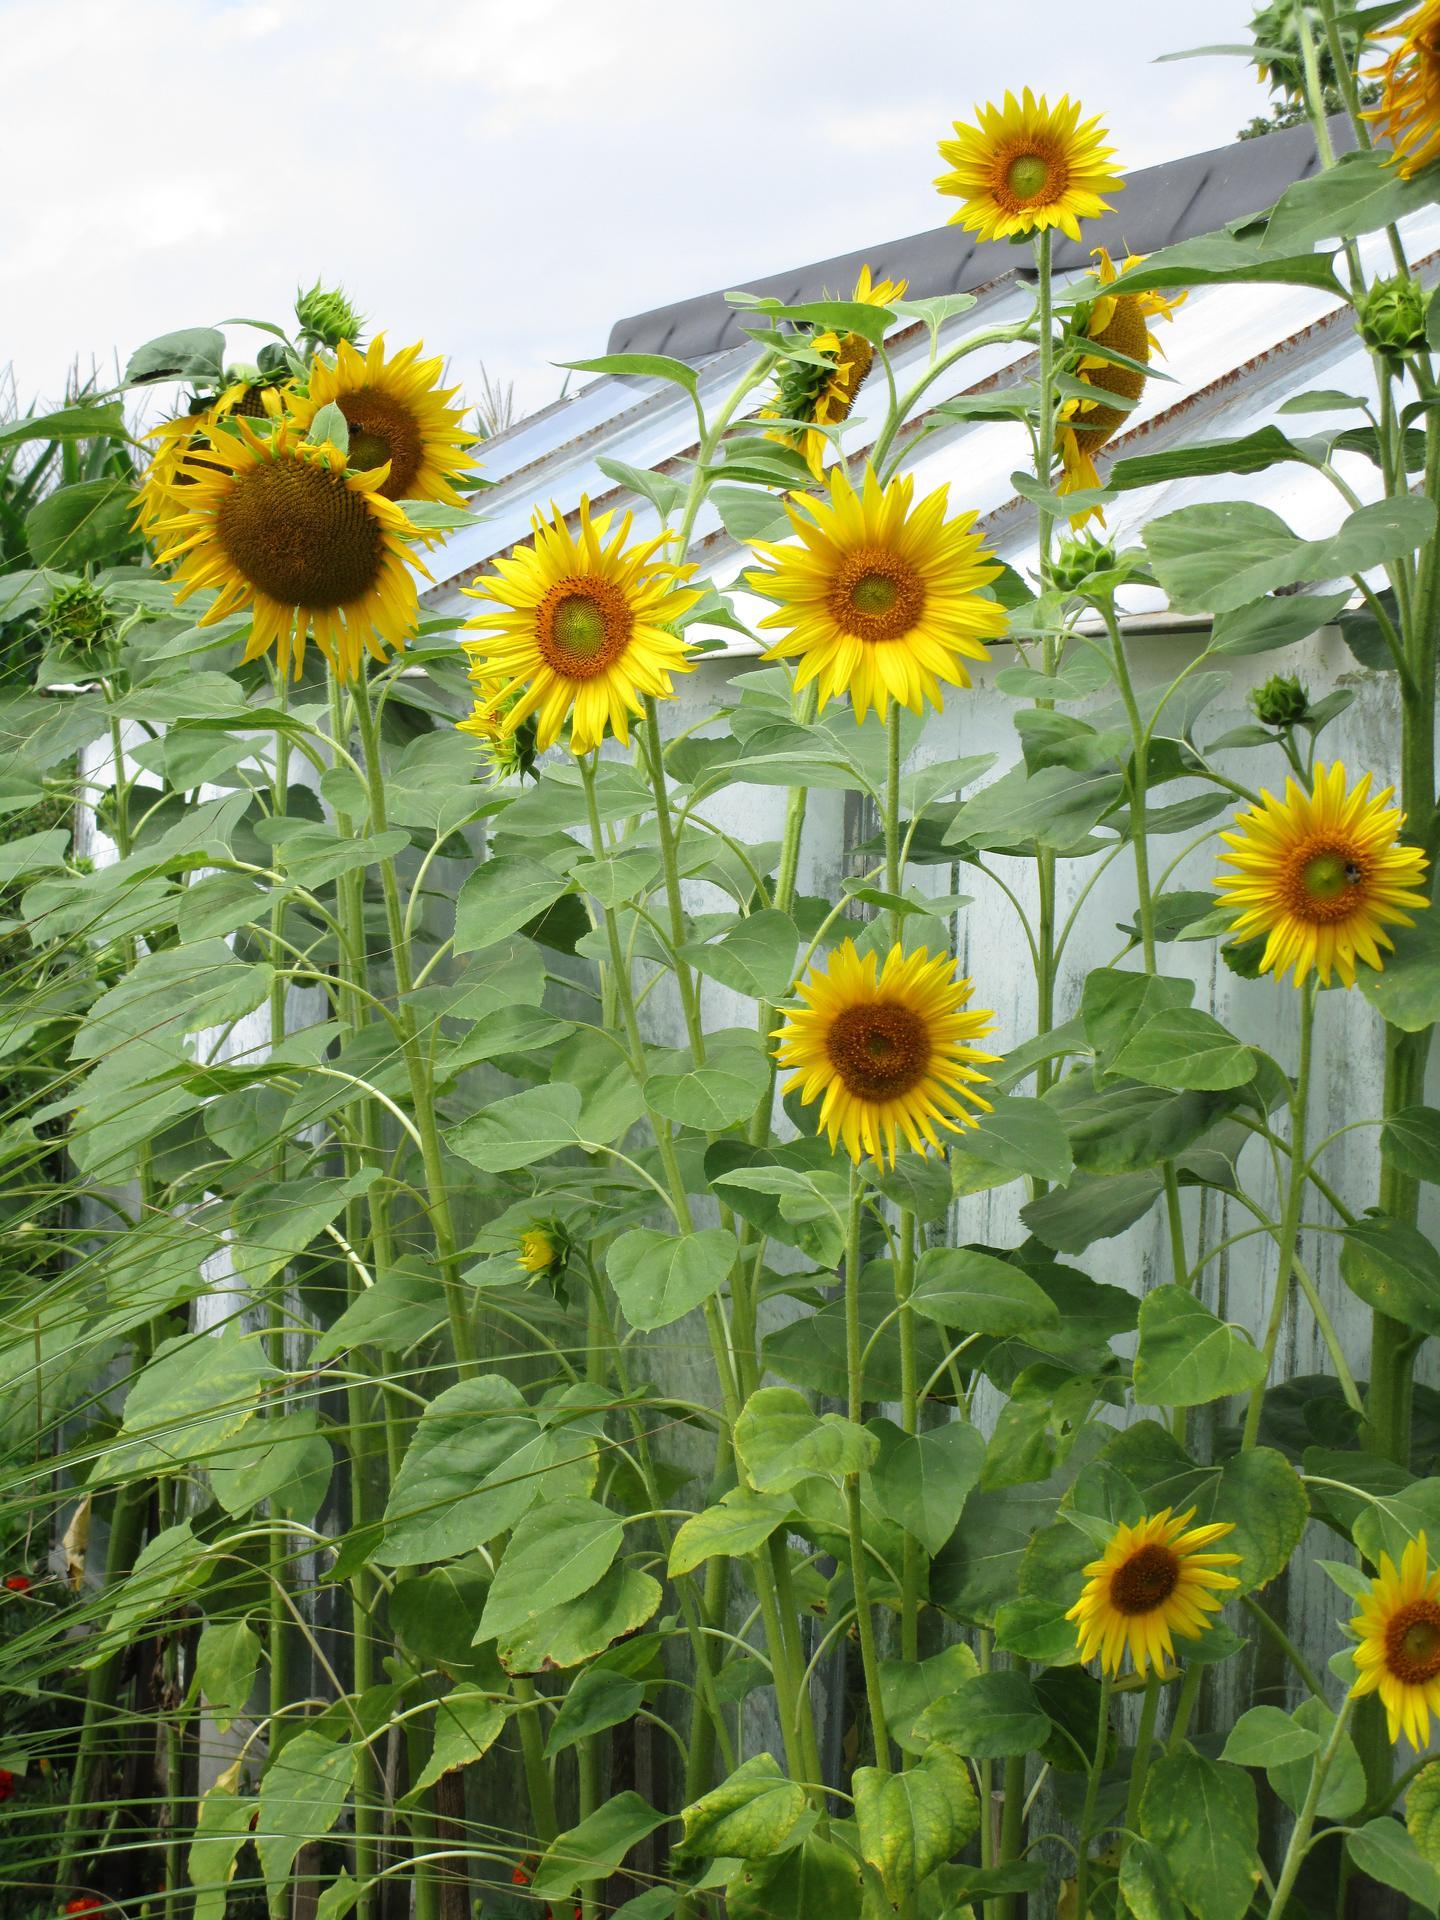 zahrada 2021 - slunečnice vyšší než skleník